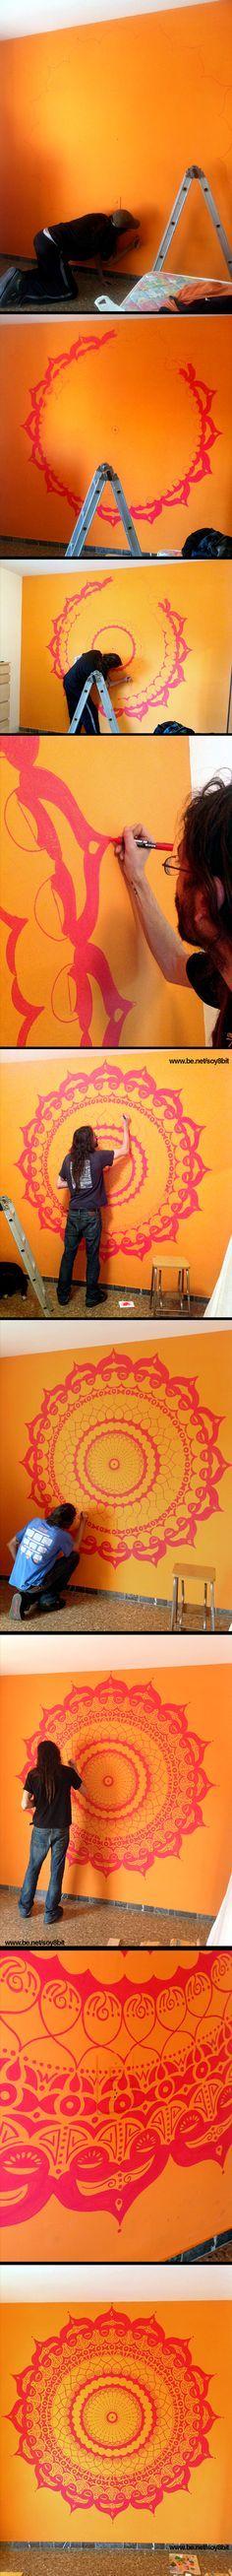 Mandala Wall Painting by Héctor Sánchez www.be.net/soy8bit